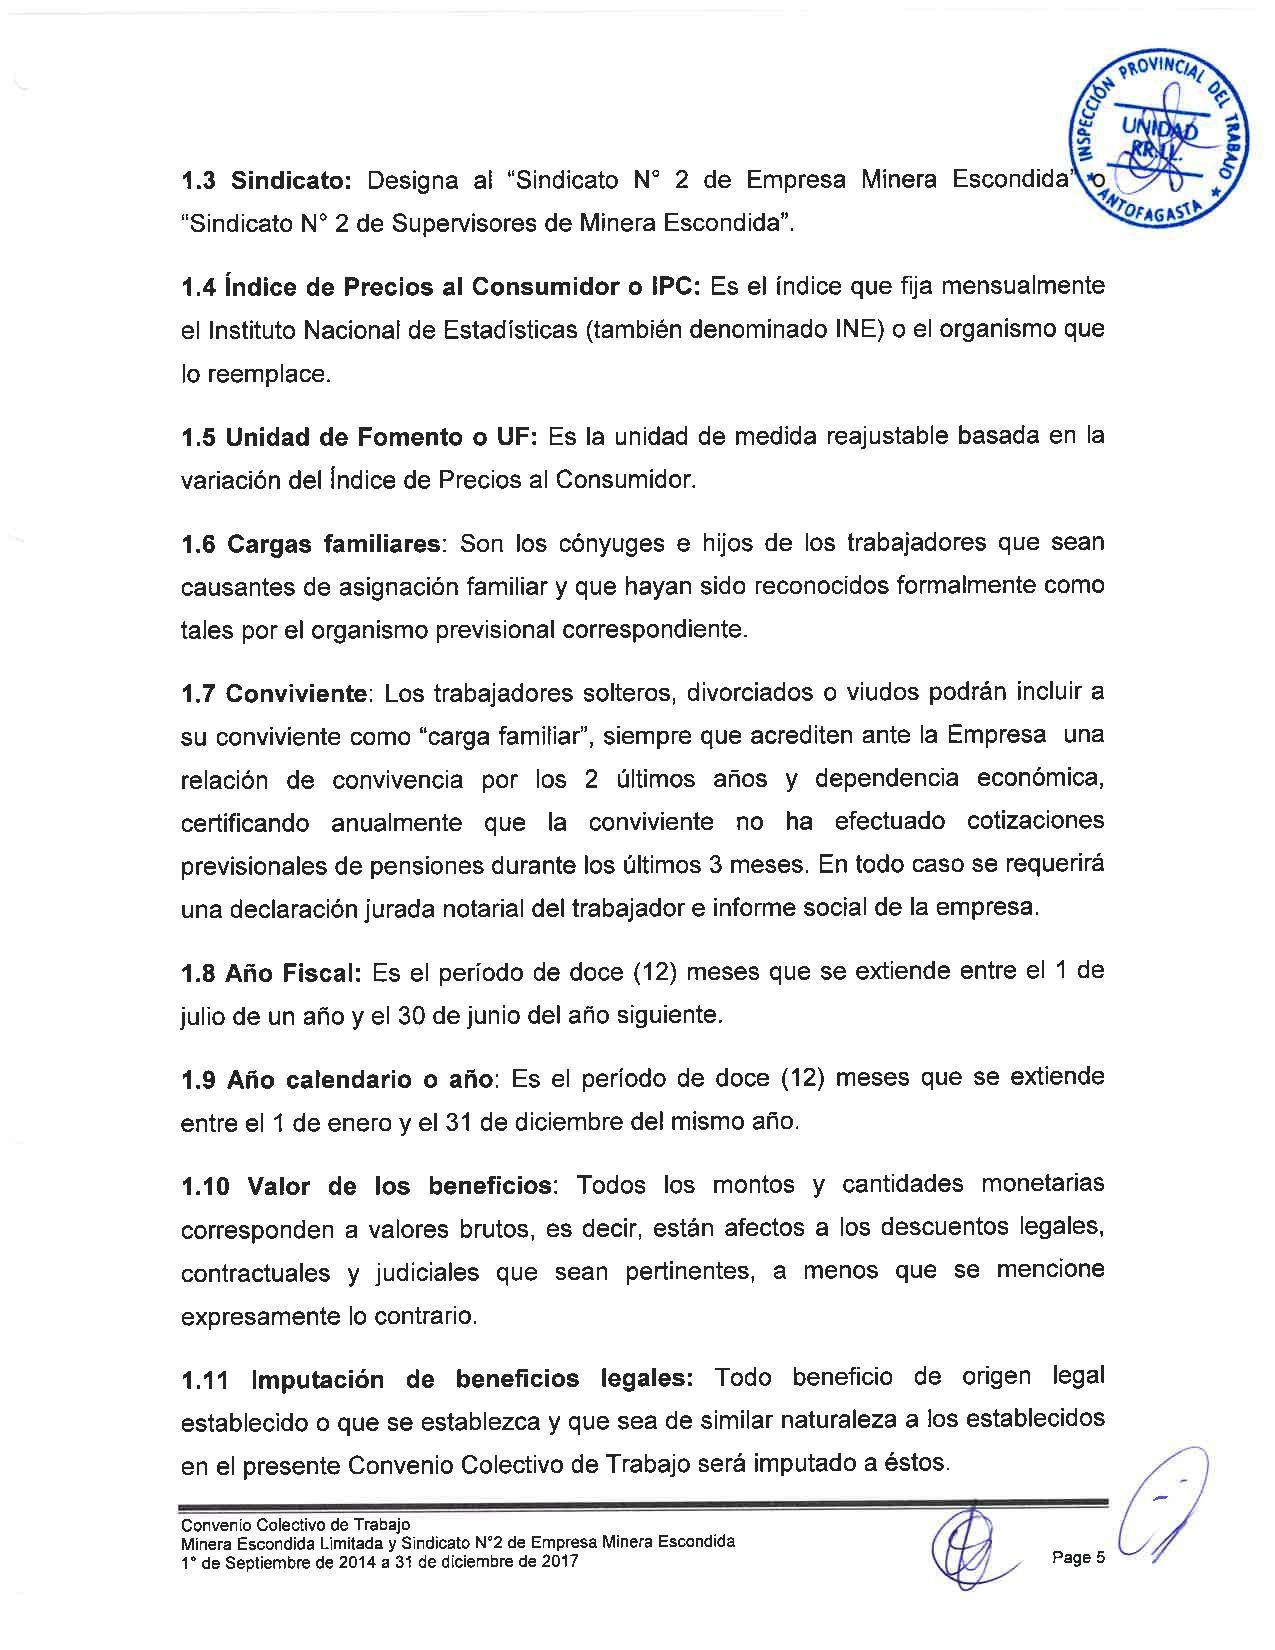 Página (5).jpg